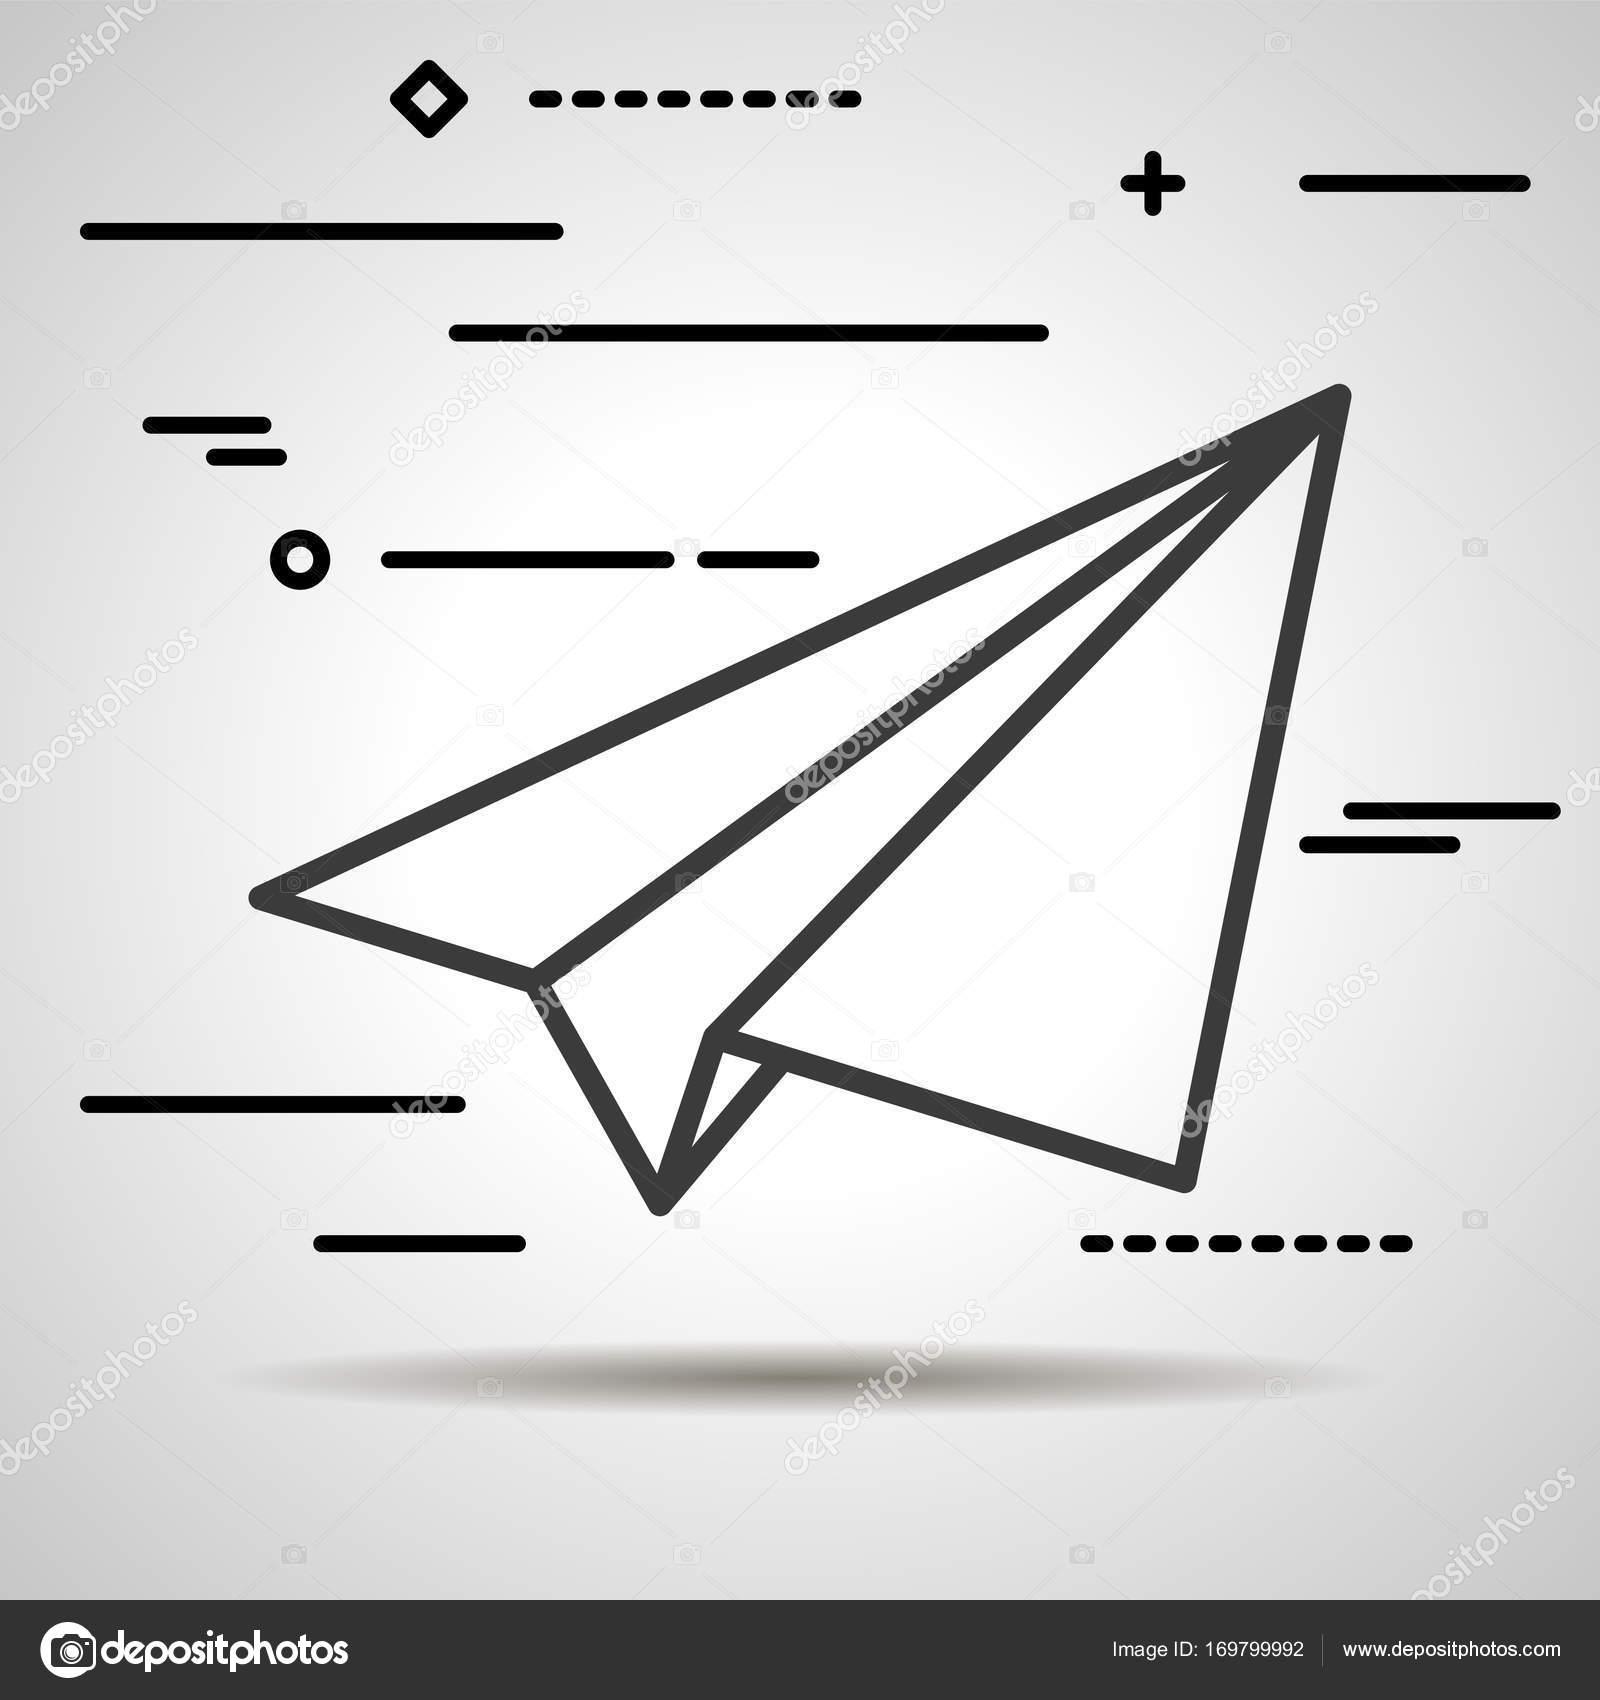 Flache Linie Grafik Designkonzept des Papier-Flugzeug-Symbol auf ...